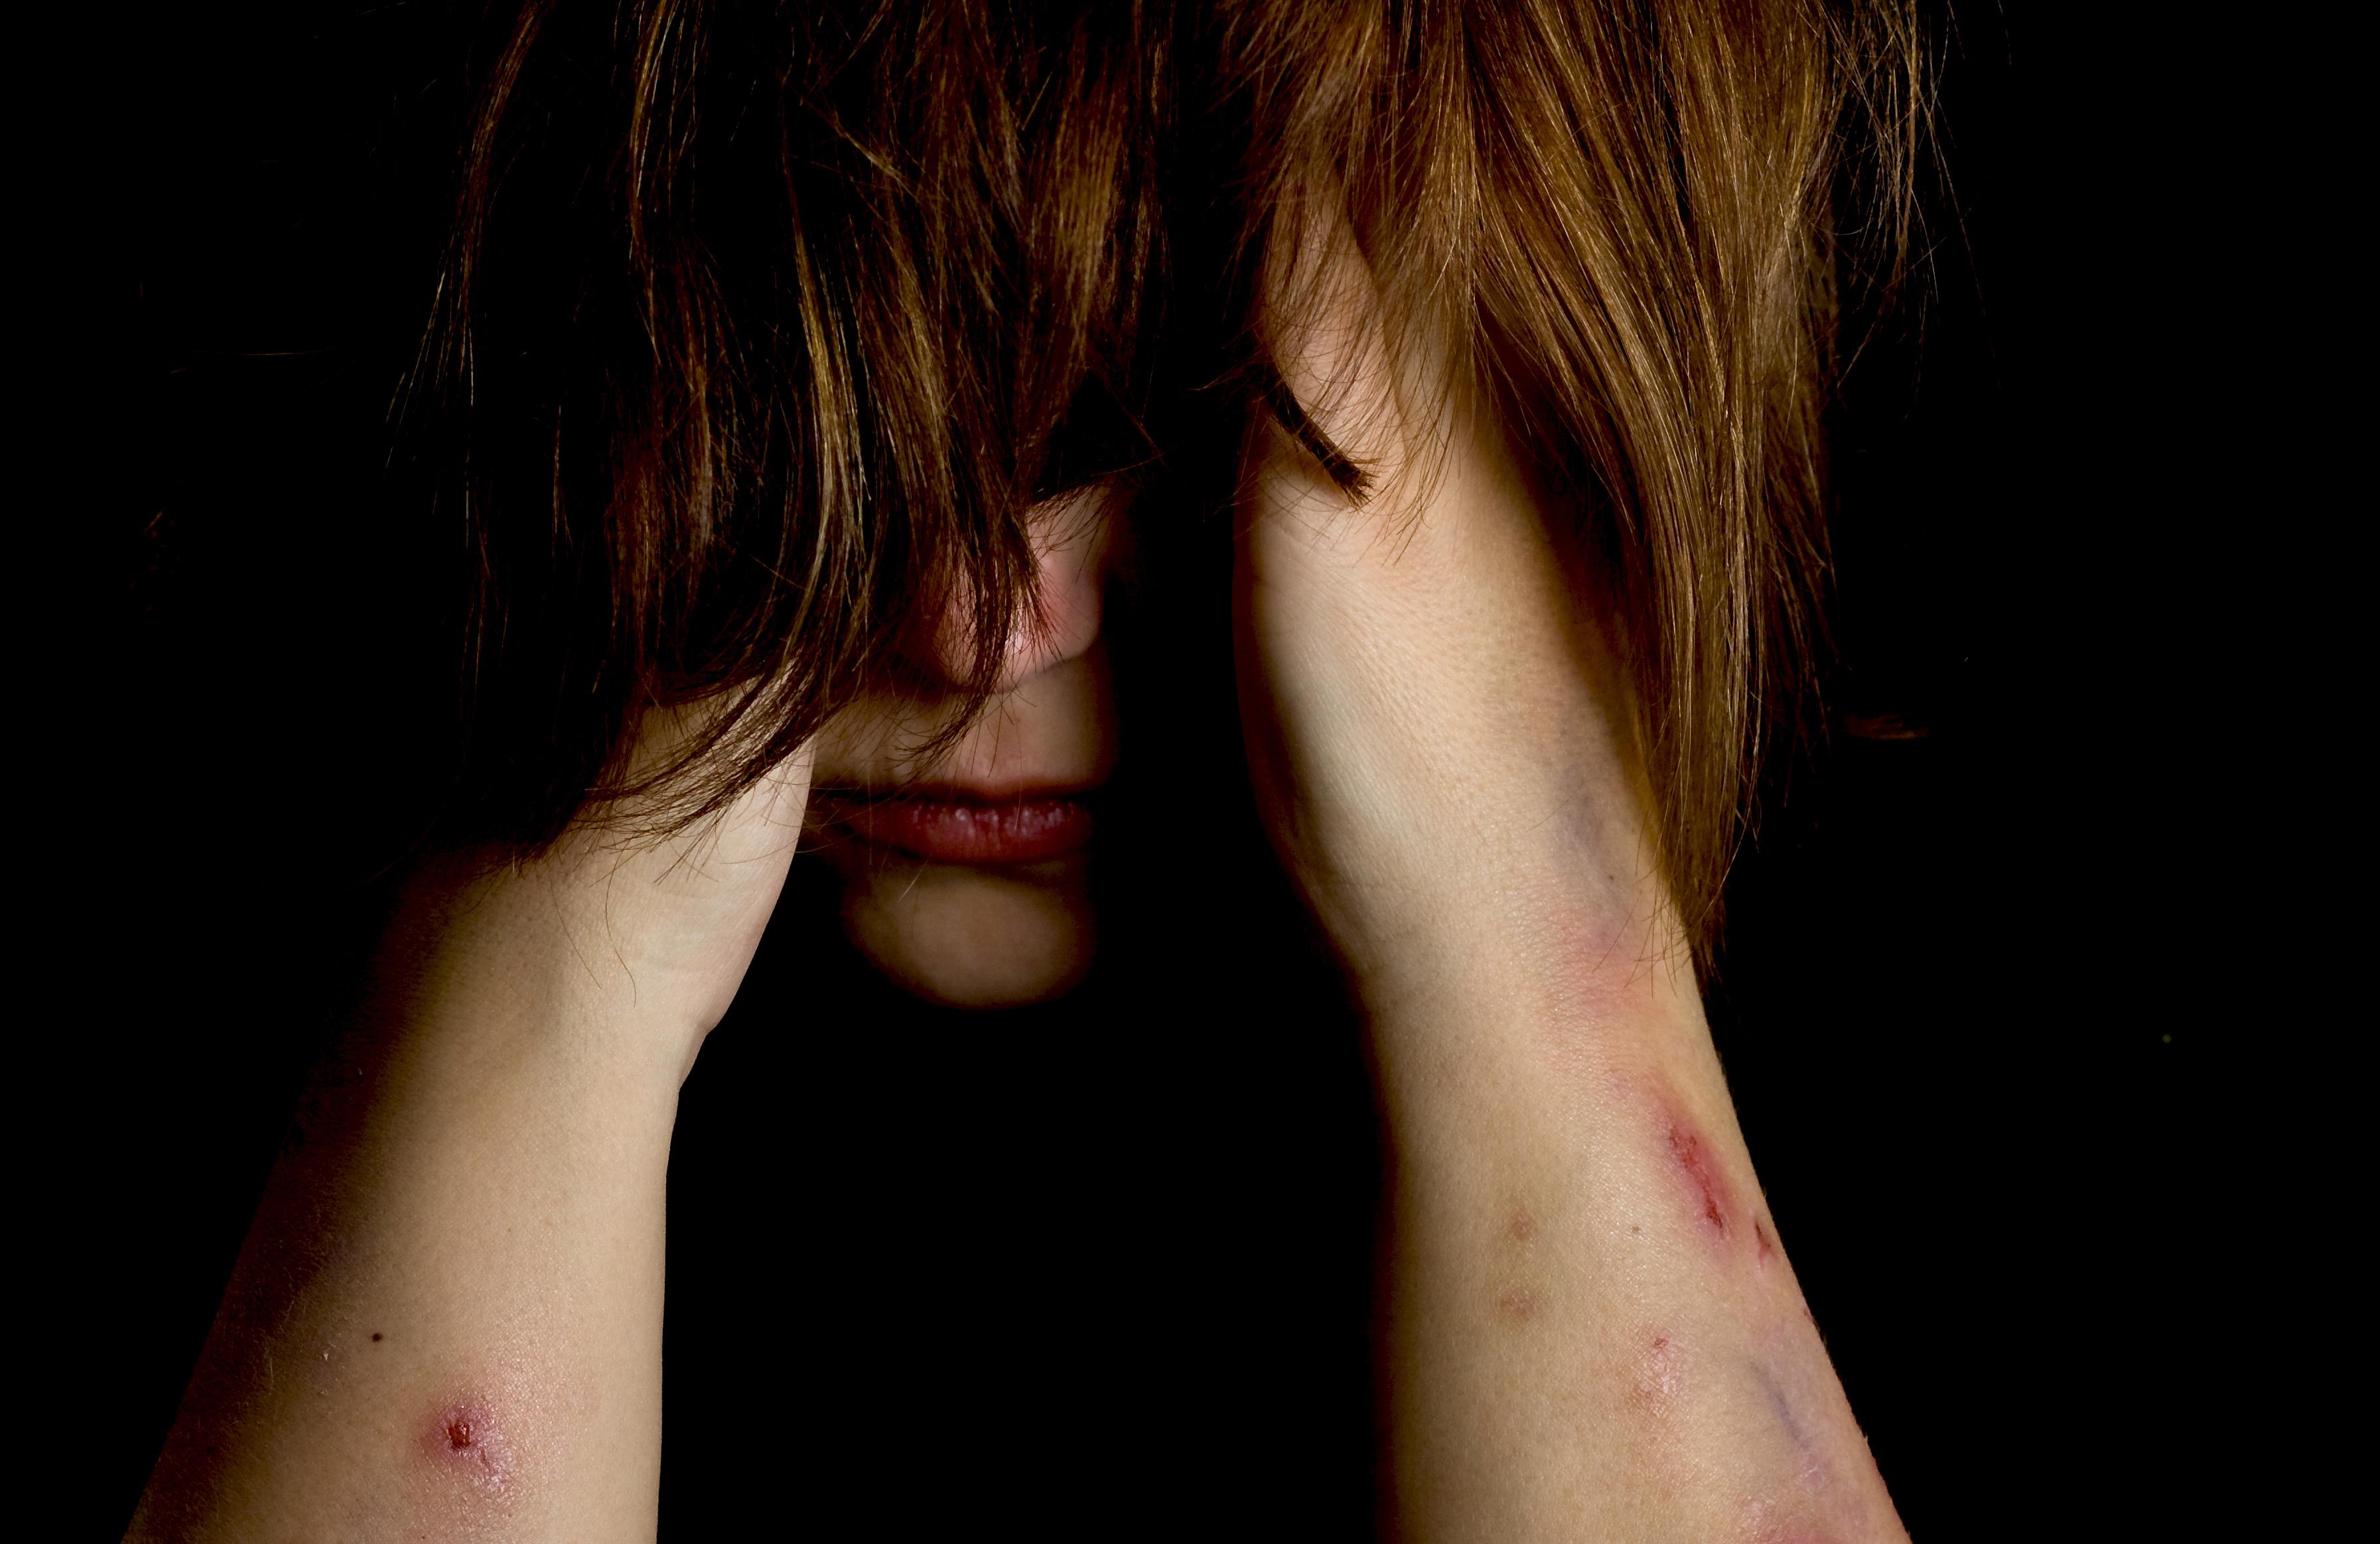 סגירת תיק פלילי בעבירות תקיפת אישה חסרת ישע והפרת צו בית משפט